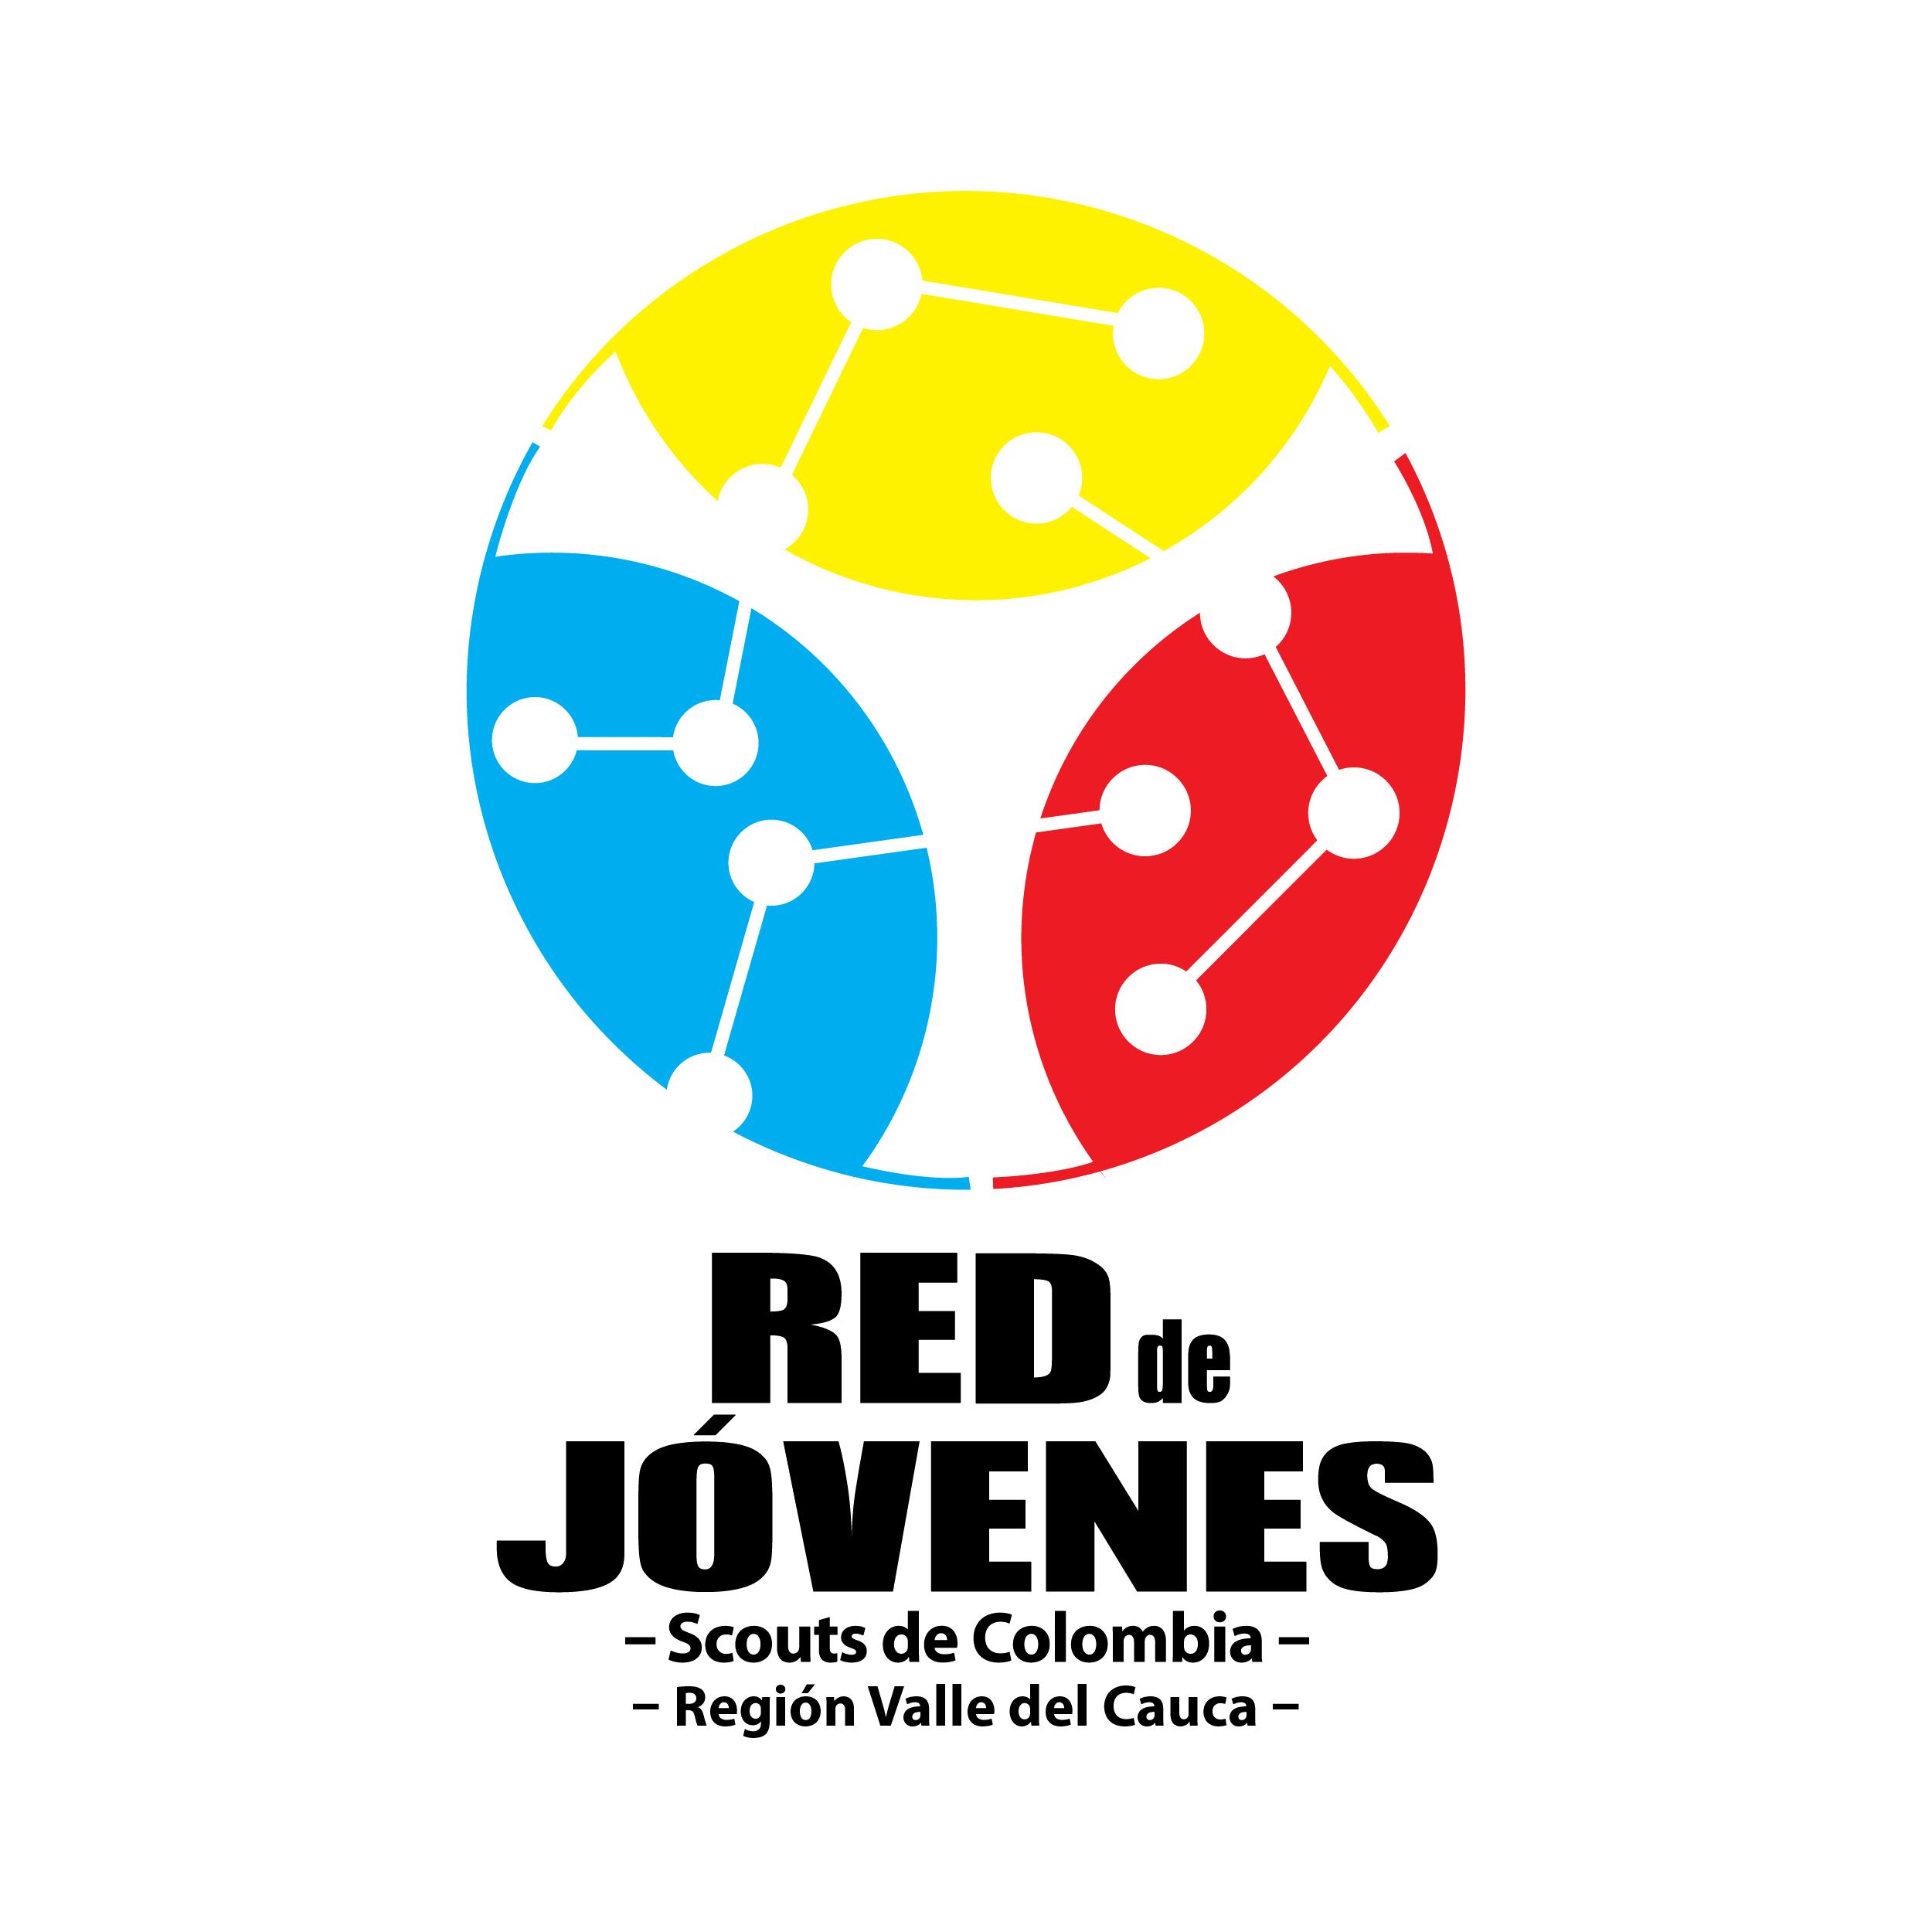 Logosregionescolor115567207241556720724